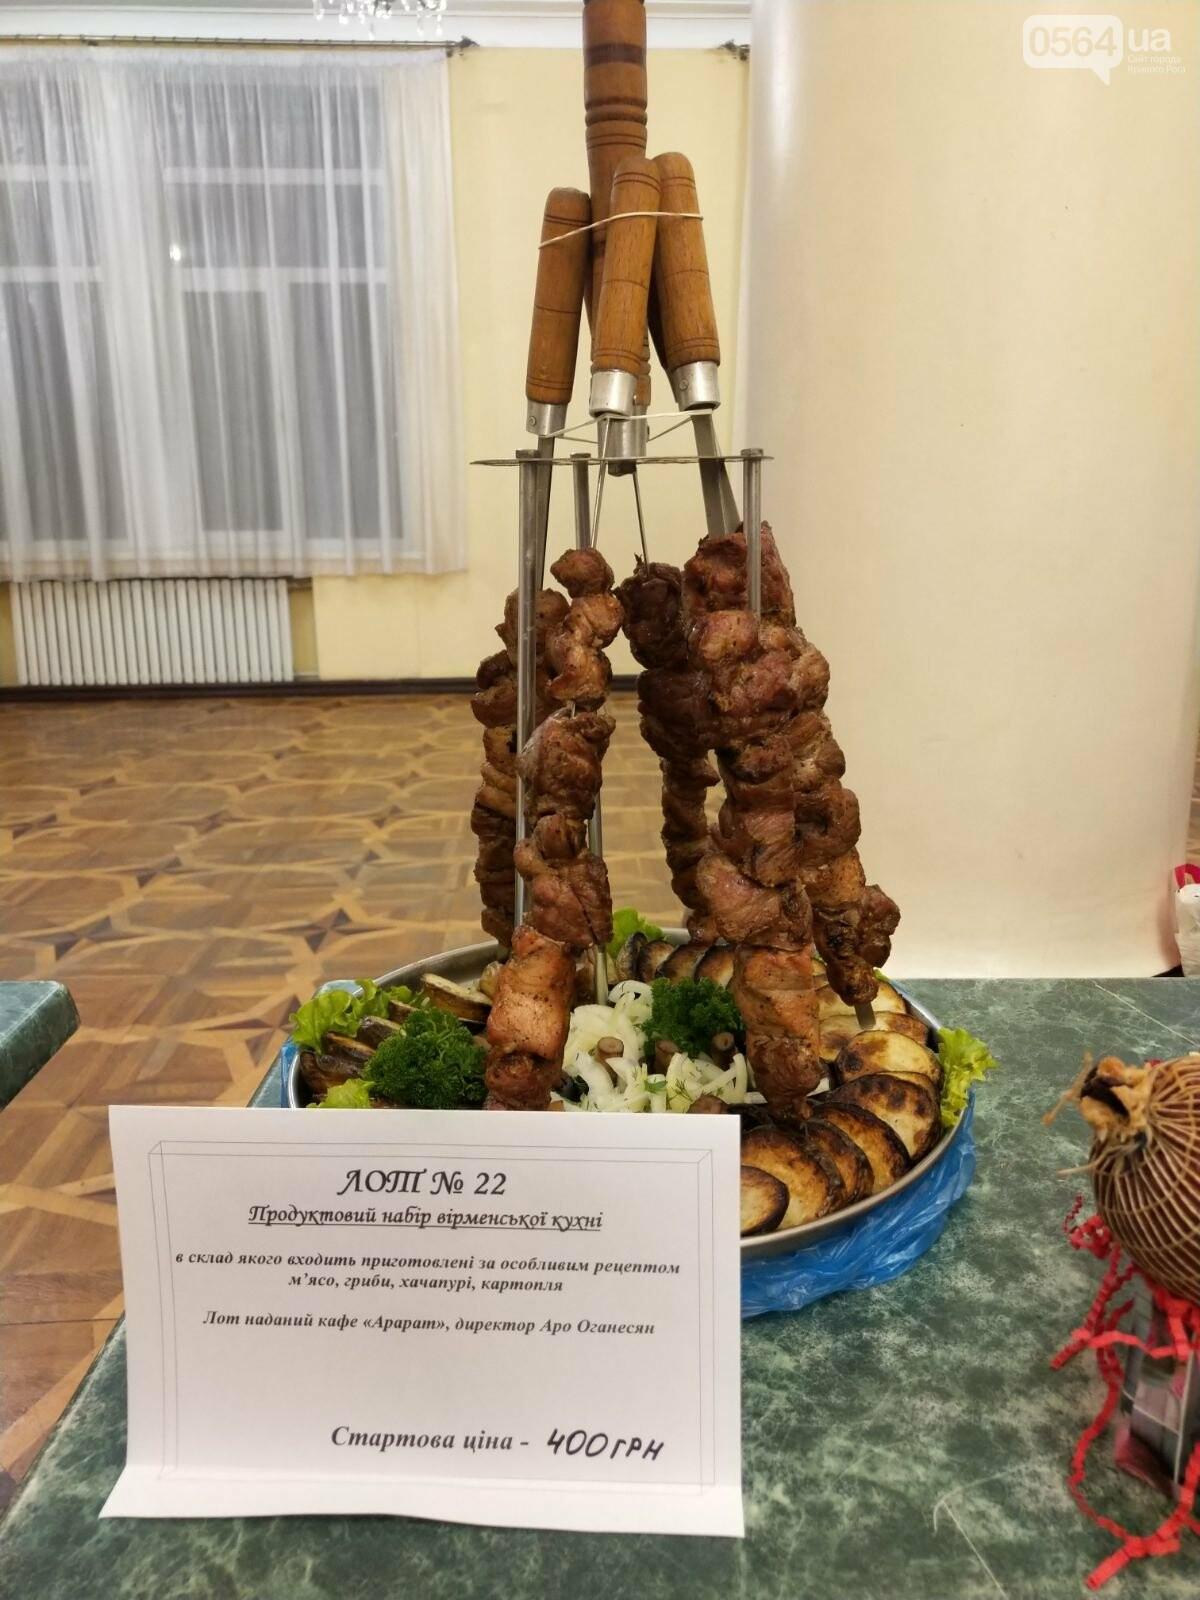 На 7 благотворительном аукционе в Кривом Роге предприниматели собрали более 37 тысяч, - ФОТО, фото-5